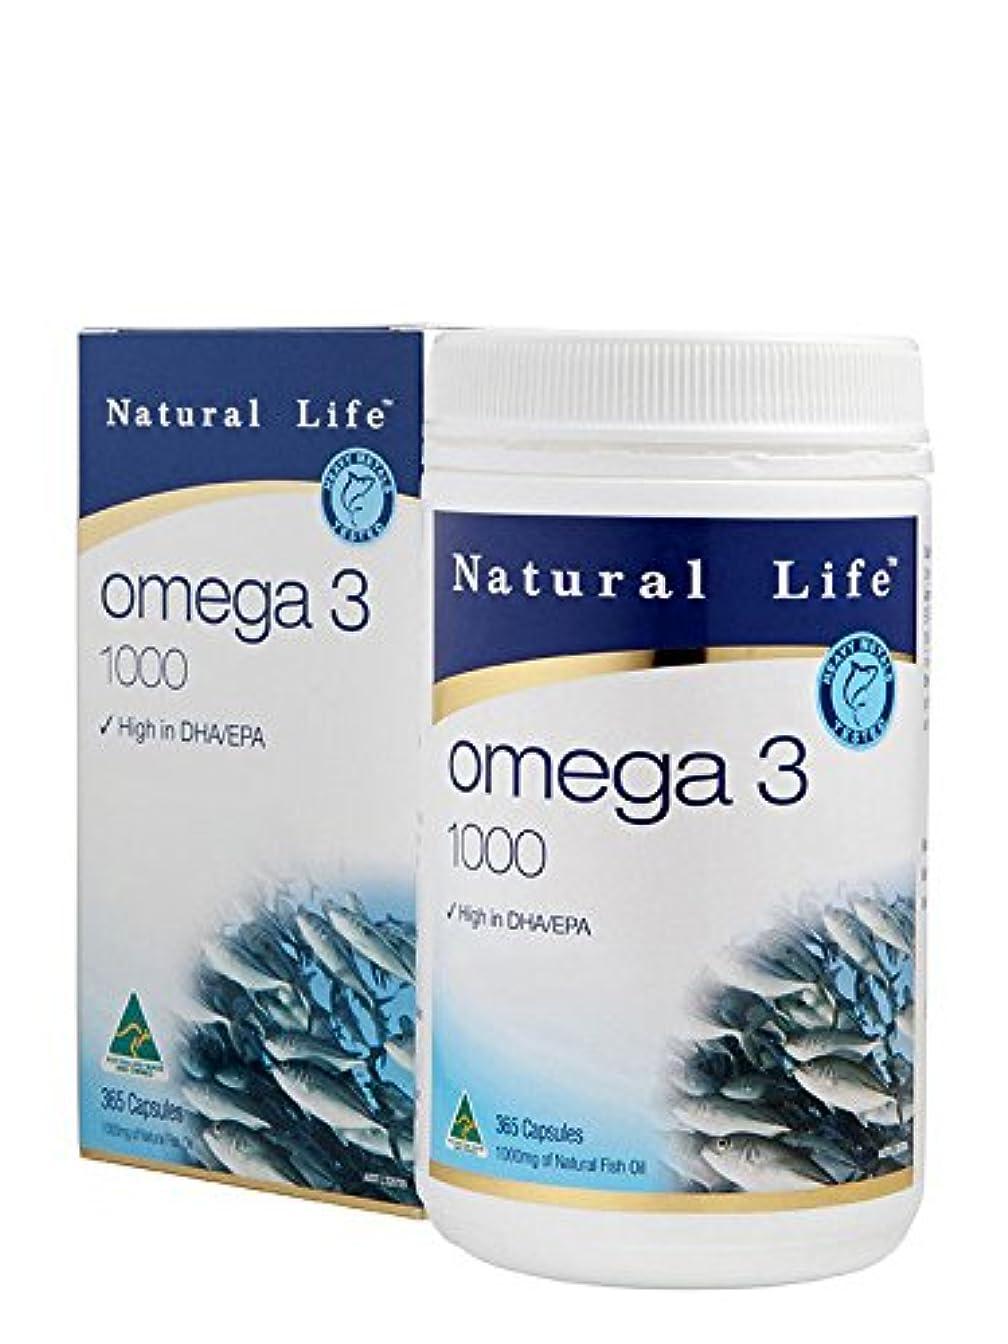 居心地の良い喜ぶアノイオメガ3 1000mg 大容量365粒 国内正規品 EPA180mg+DHA120mg ナチュラルライフ